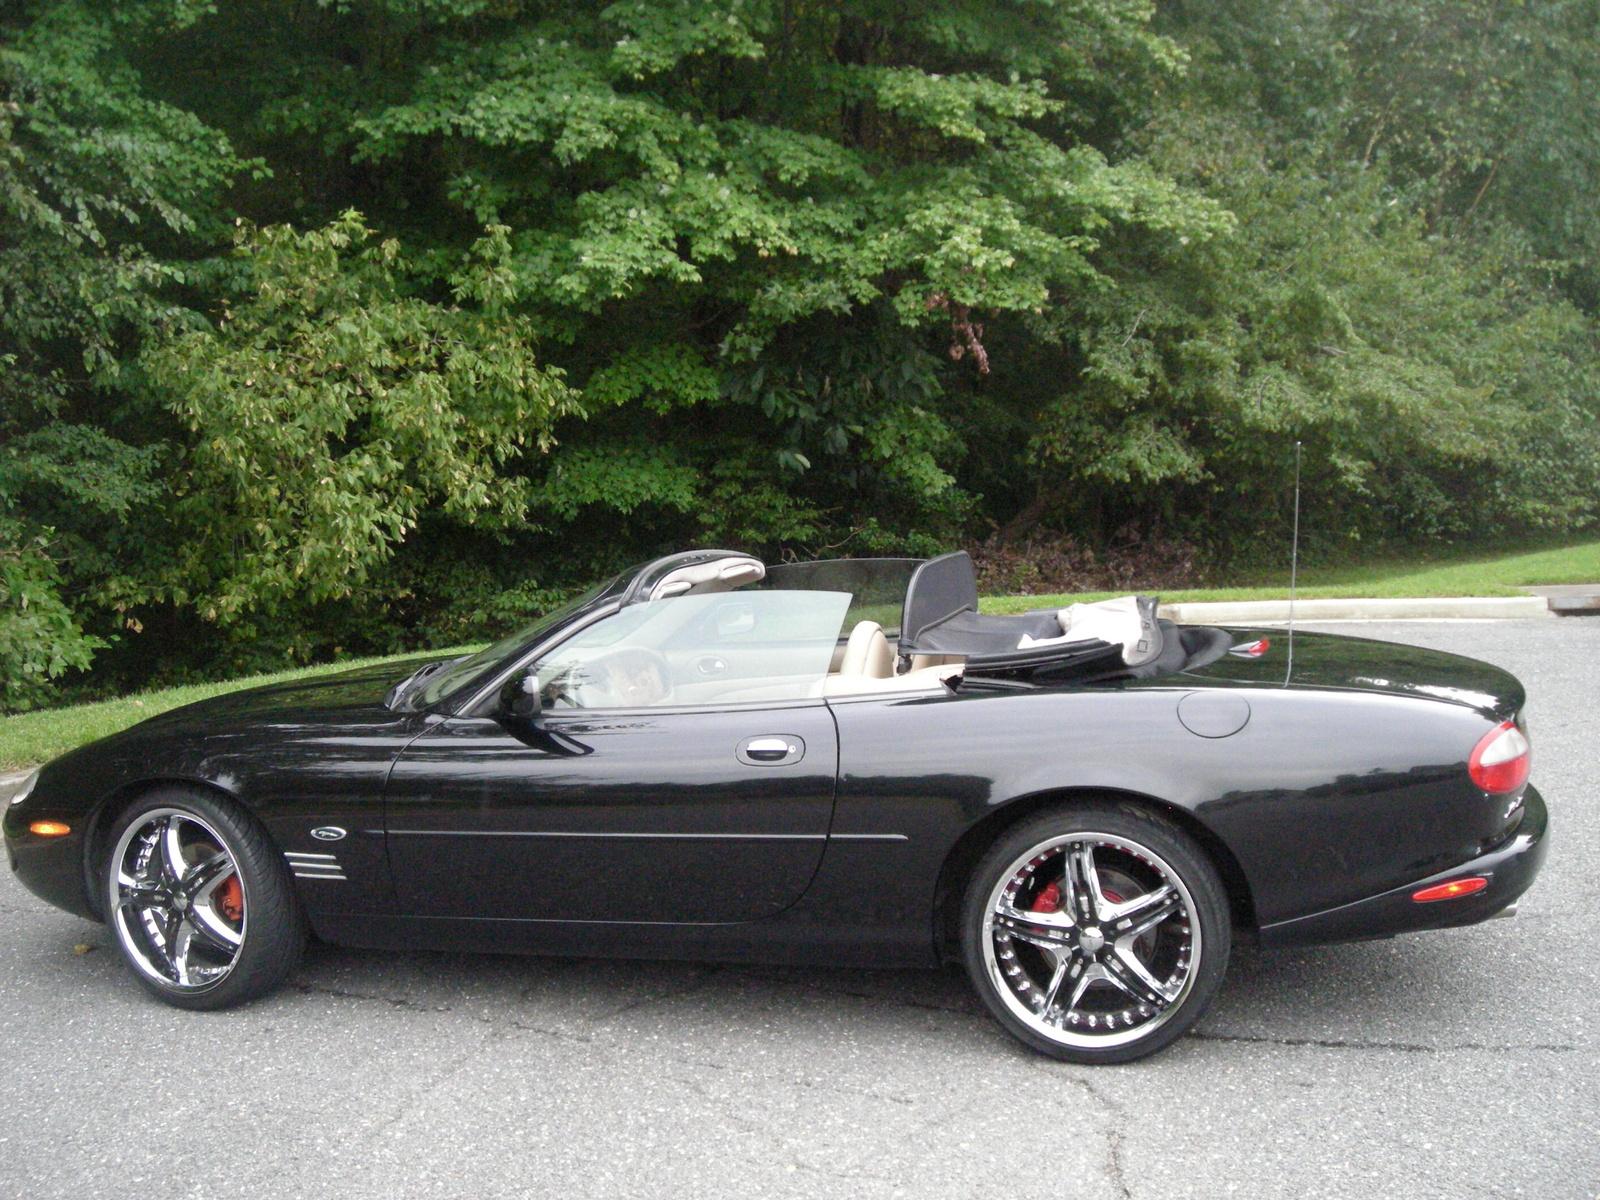 1999 Jaguar XK-Series - Pictures - CarGurus